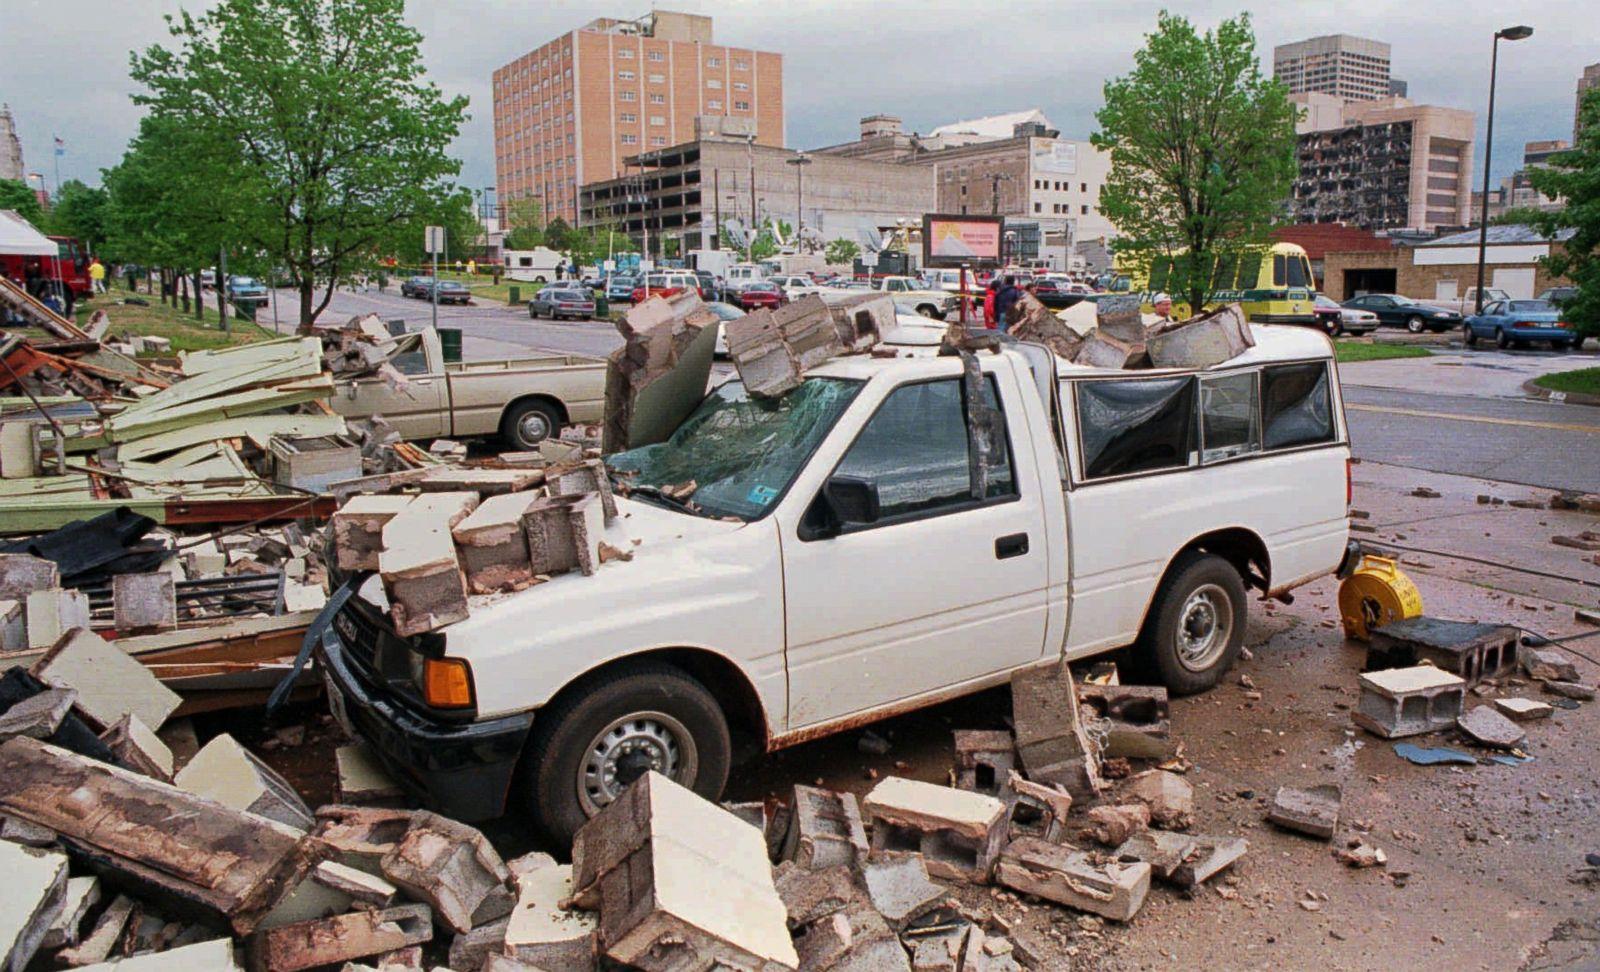 oklahoma bombing 1995